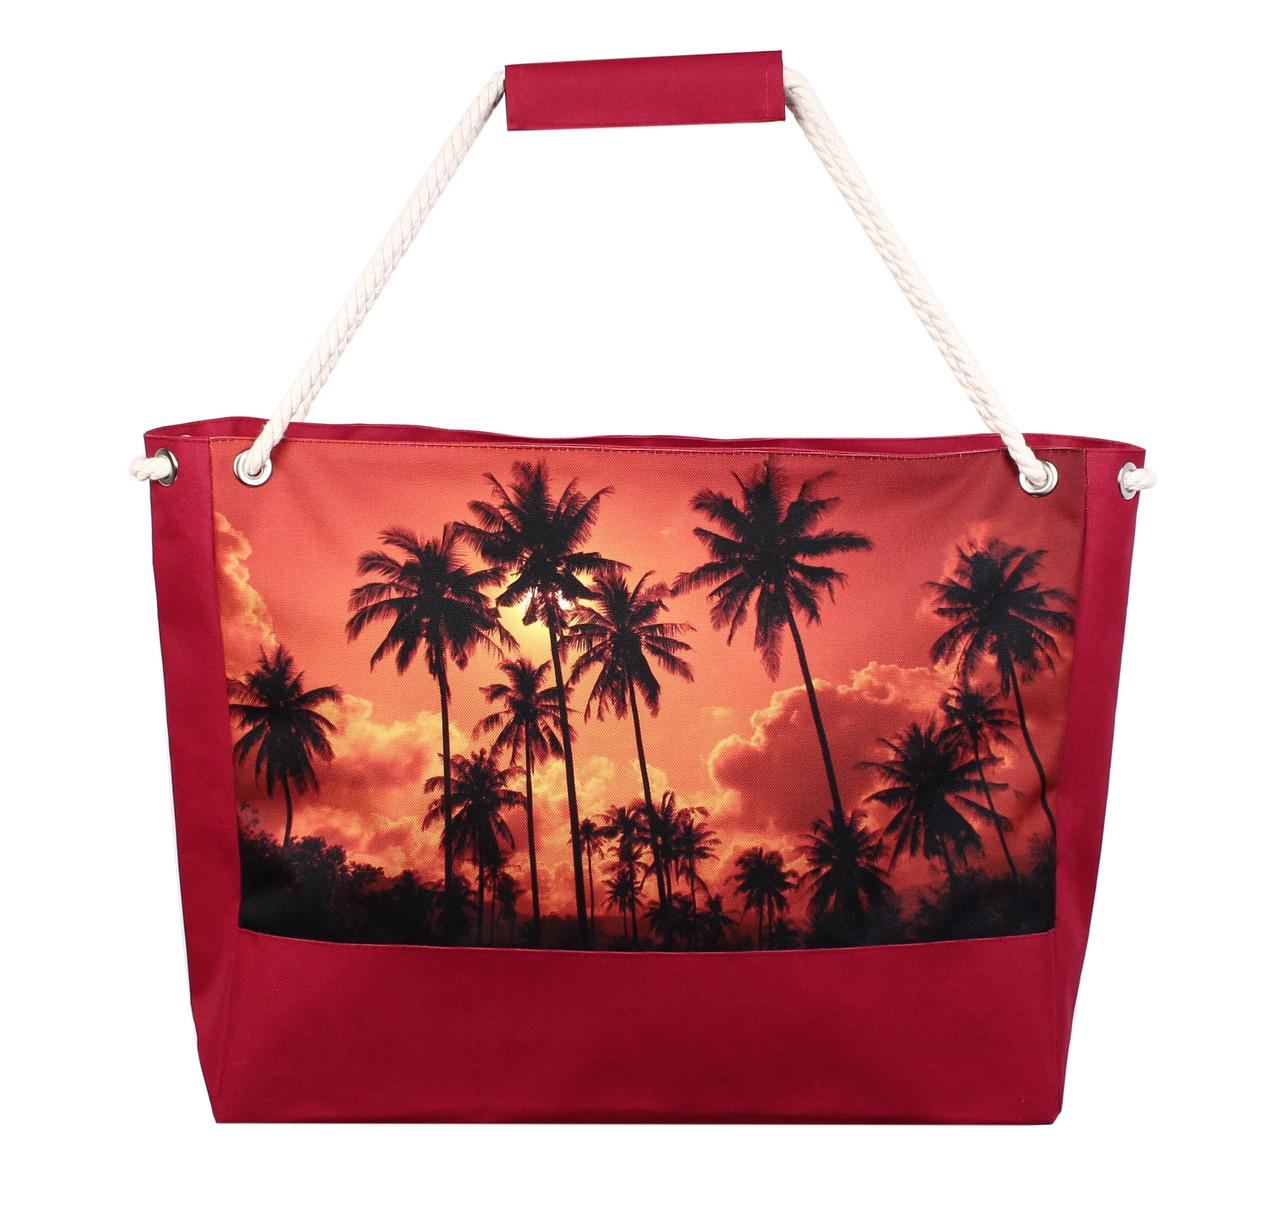 aa26d18bbde3 Большая красная пляжная сумка Майями Бич, цена 262 грн., купить в ...